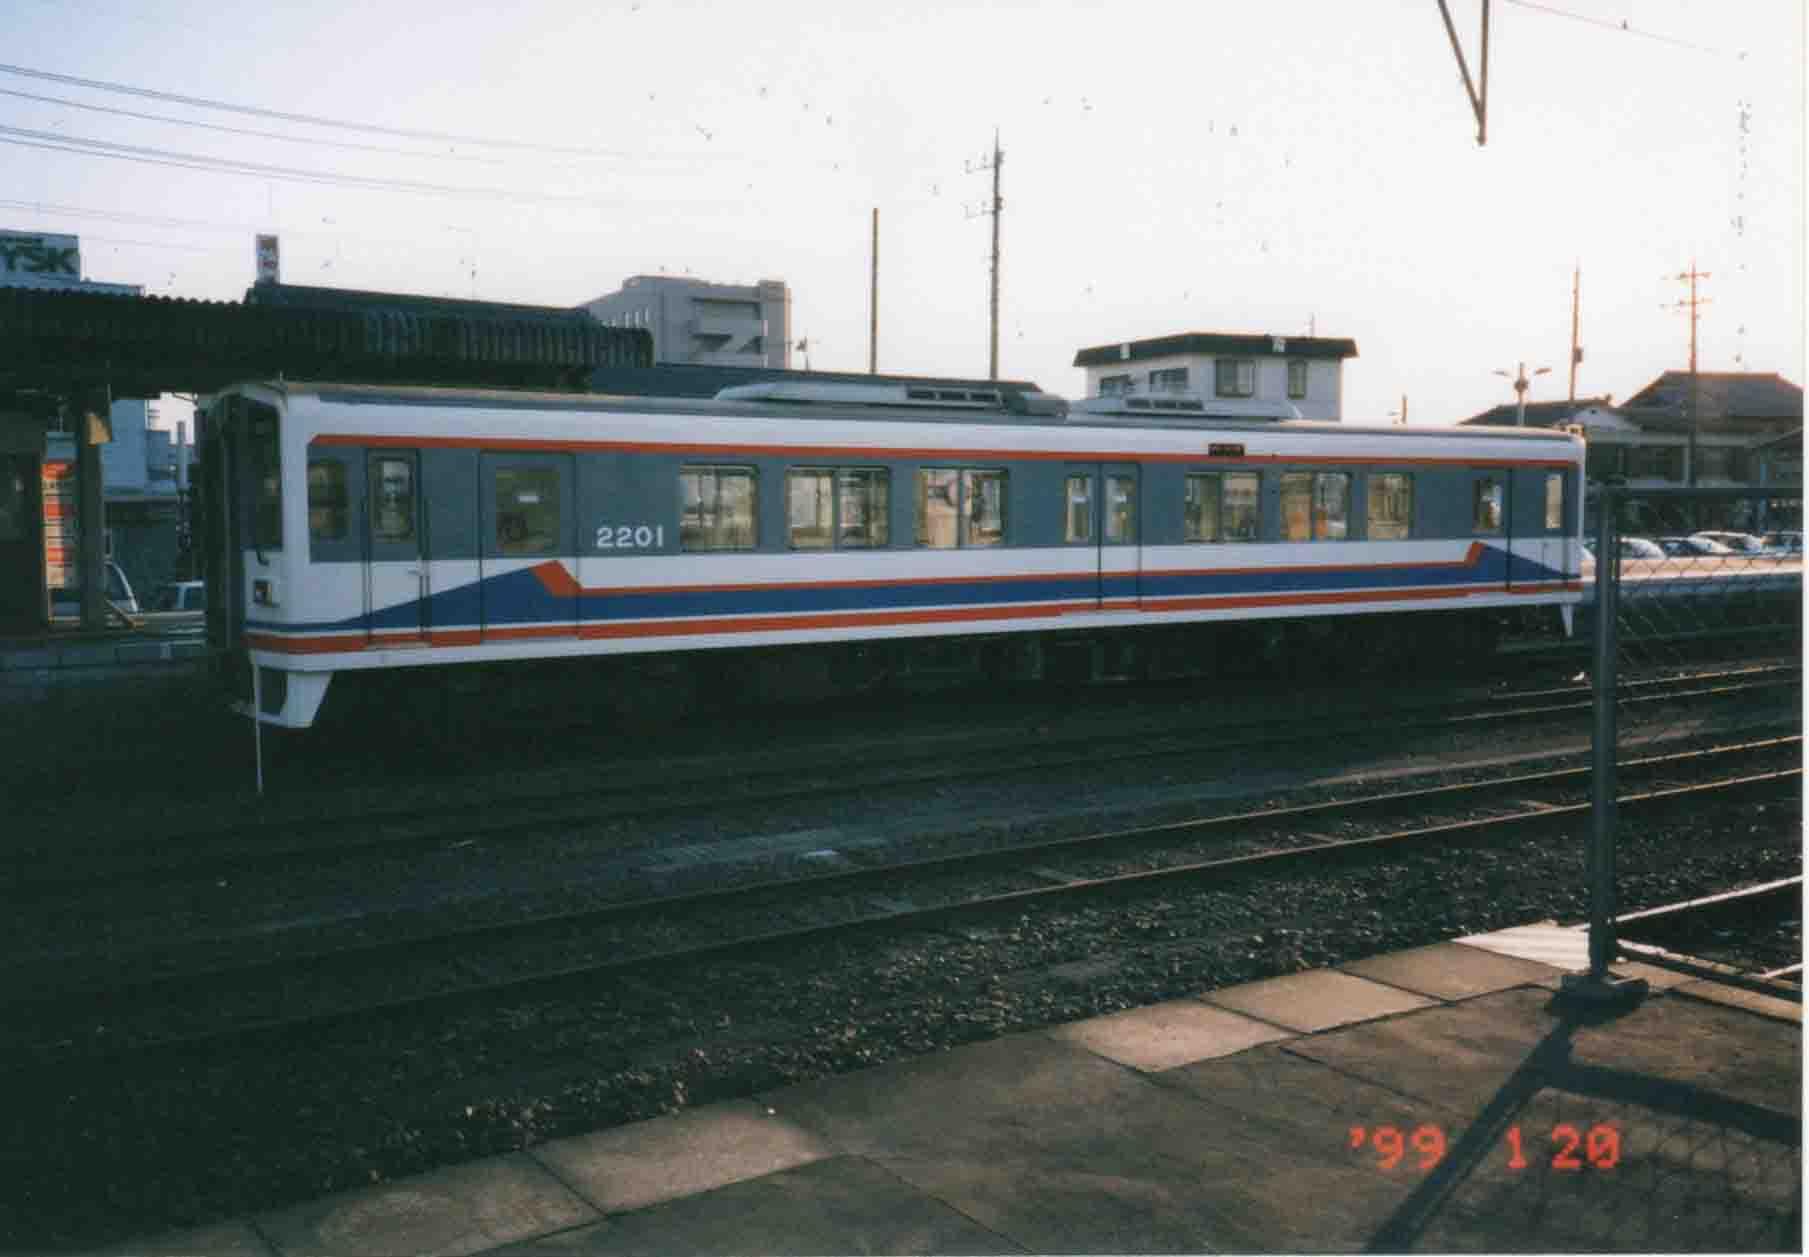 19990120下館11A